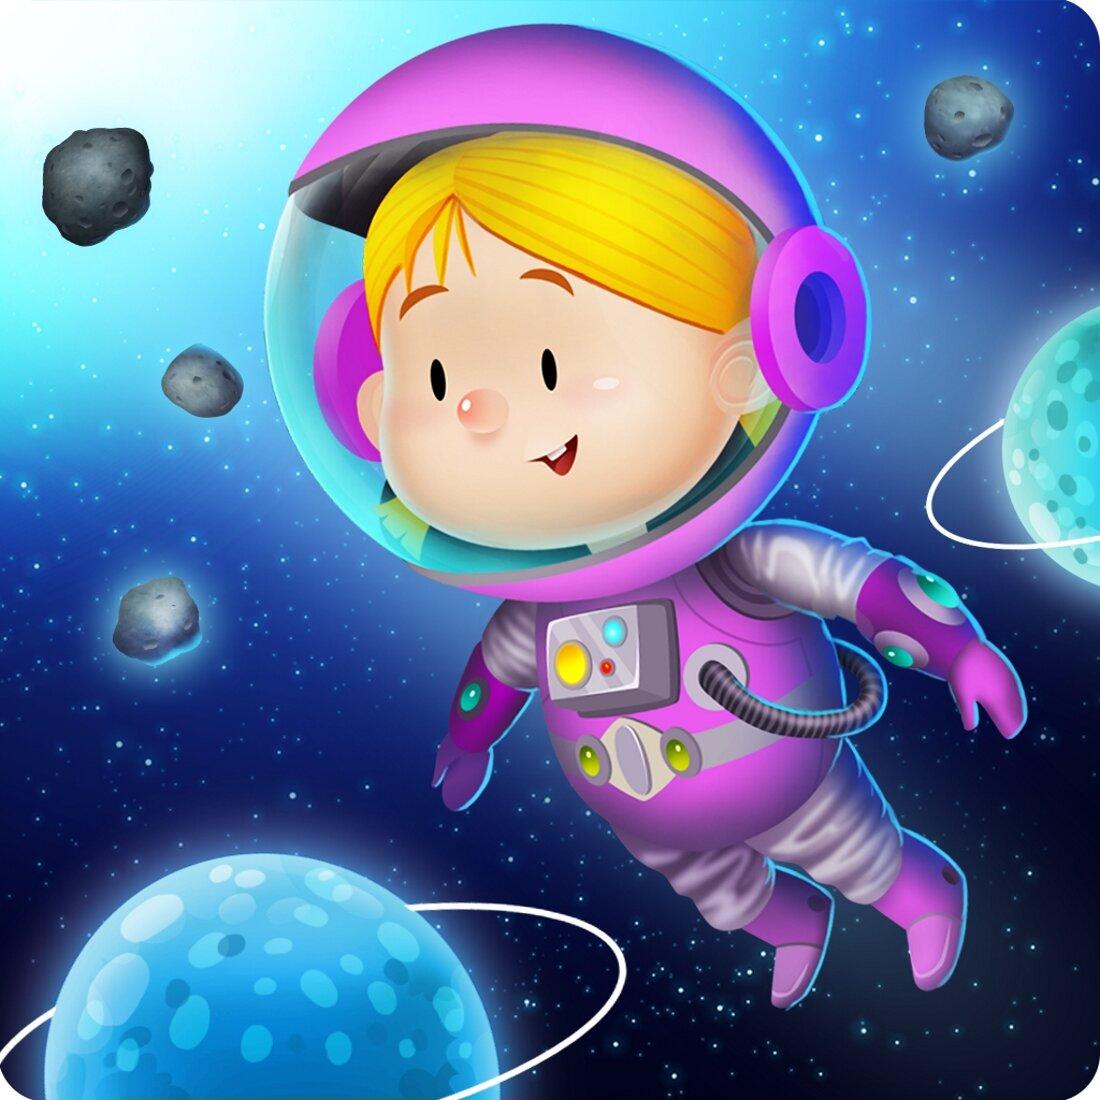 Картинка смешная космос для детей, днем рожденья-креативные открытка